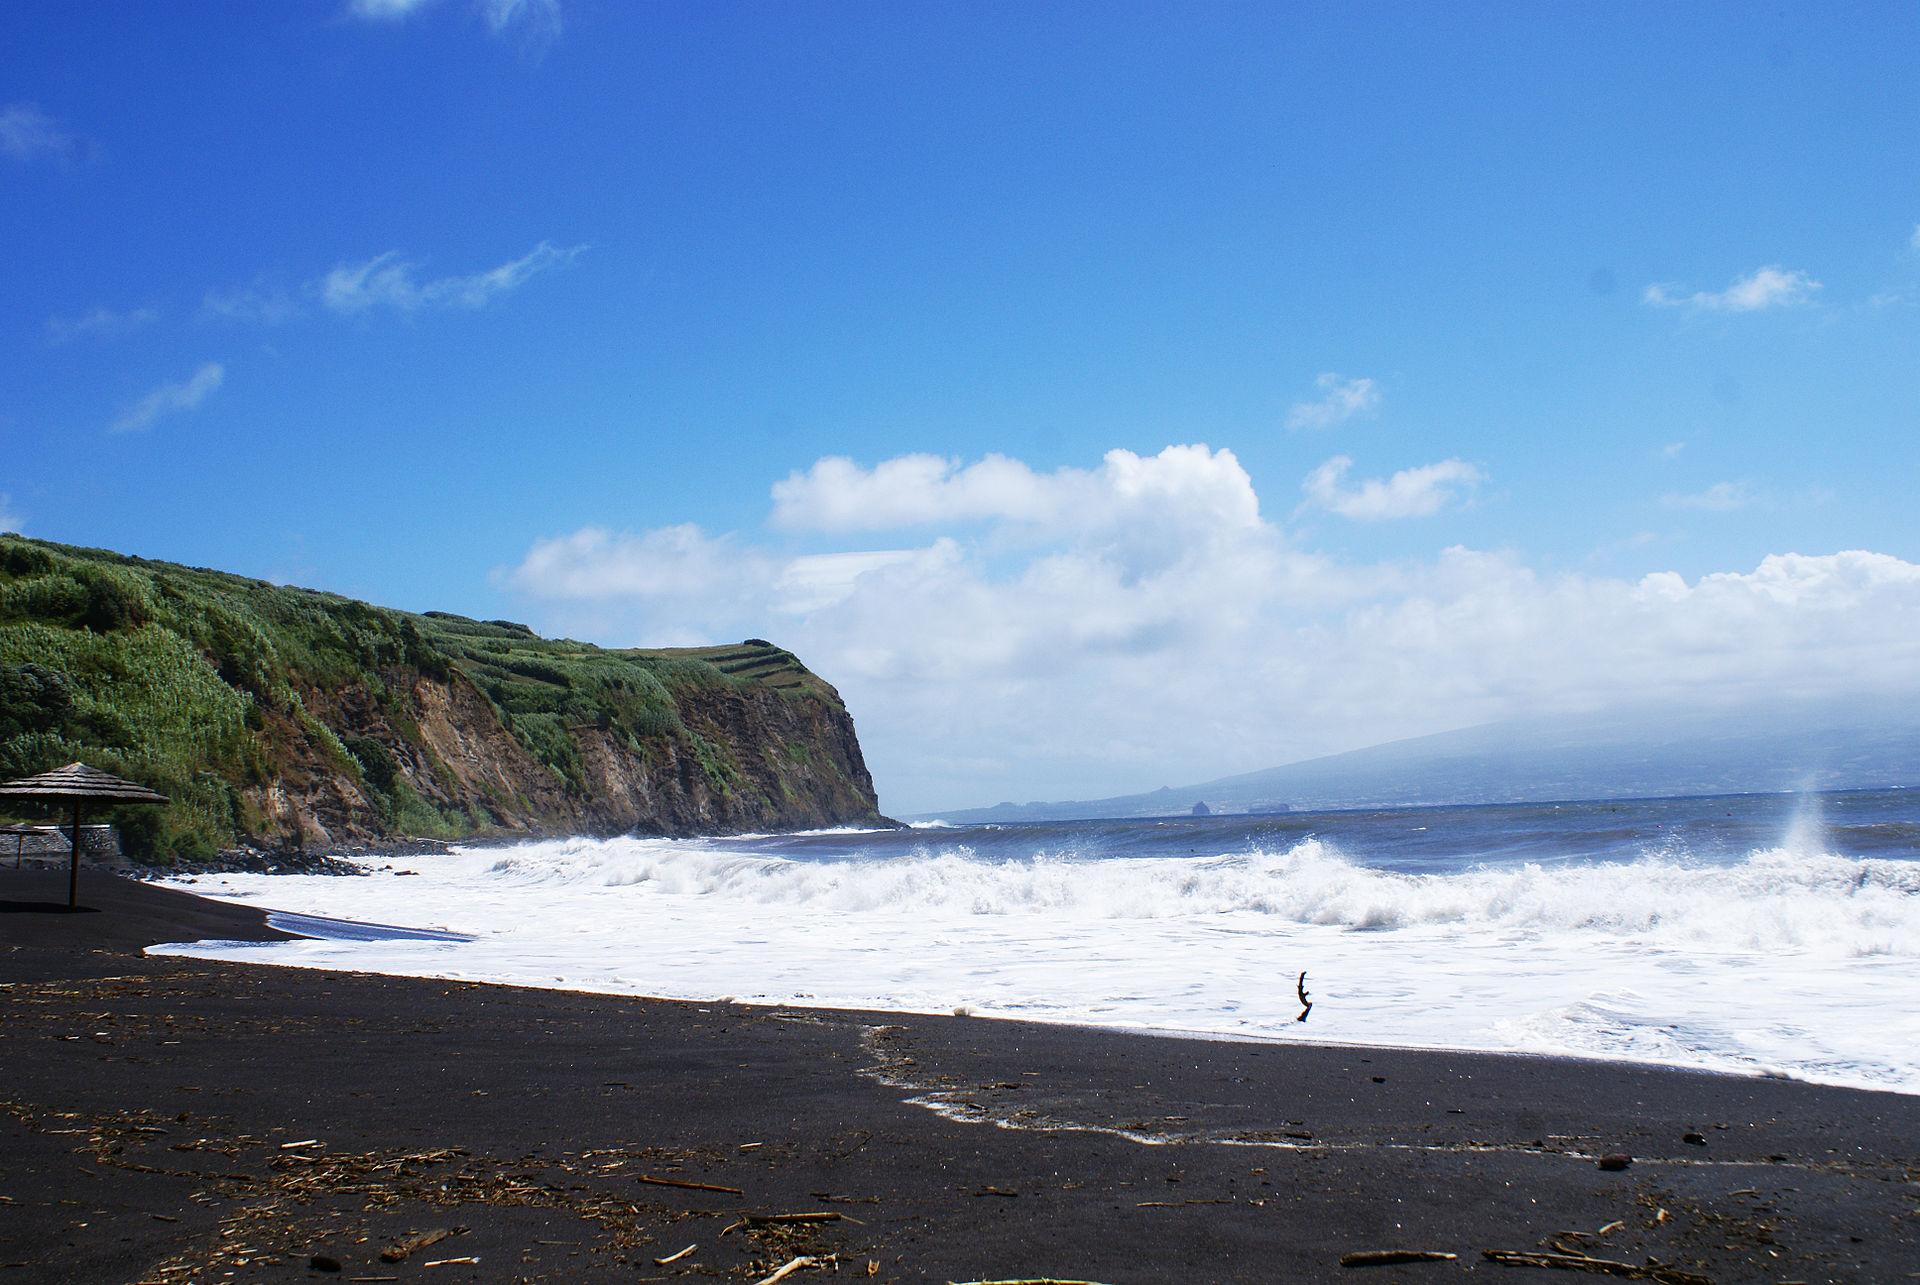 Praia da Conceição, Faial - Açores